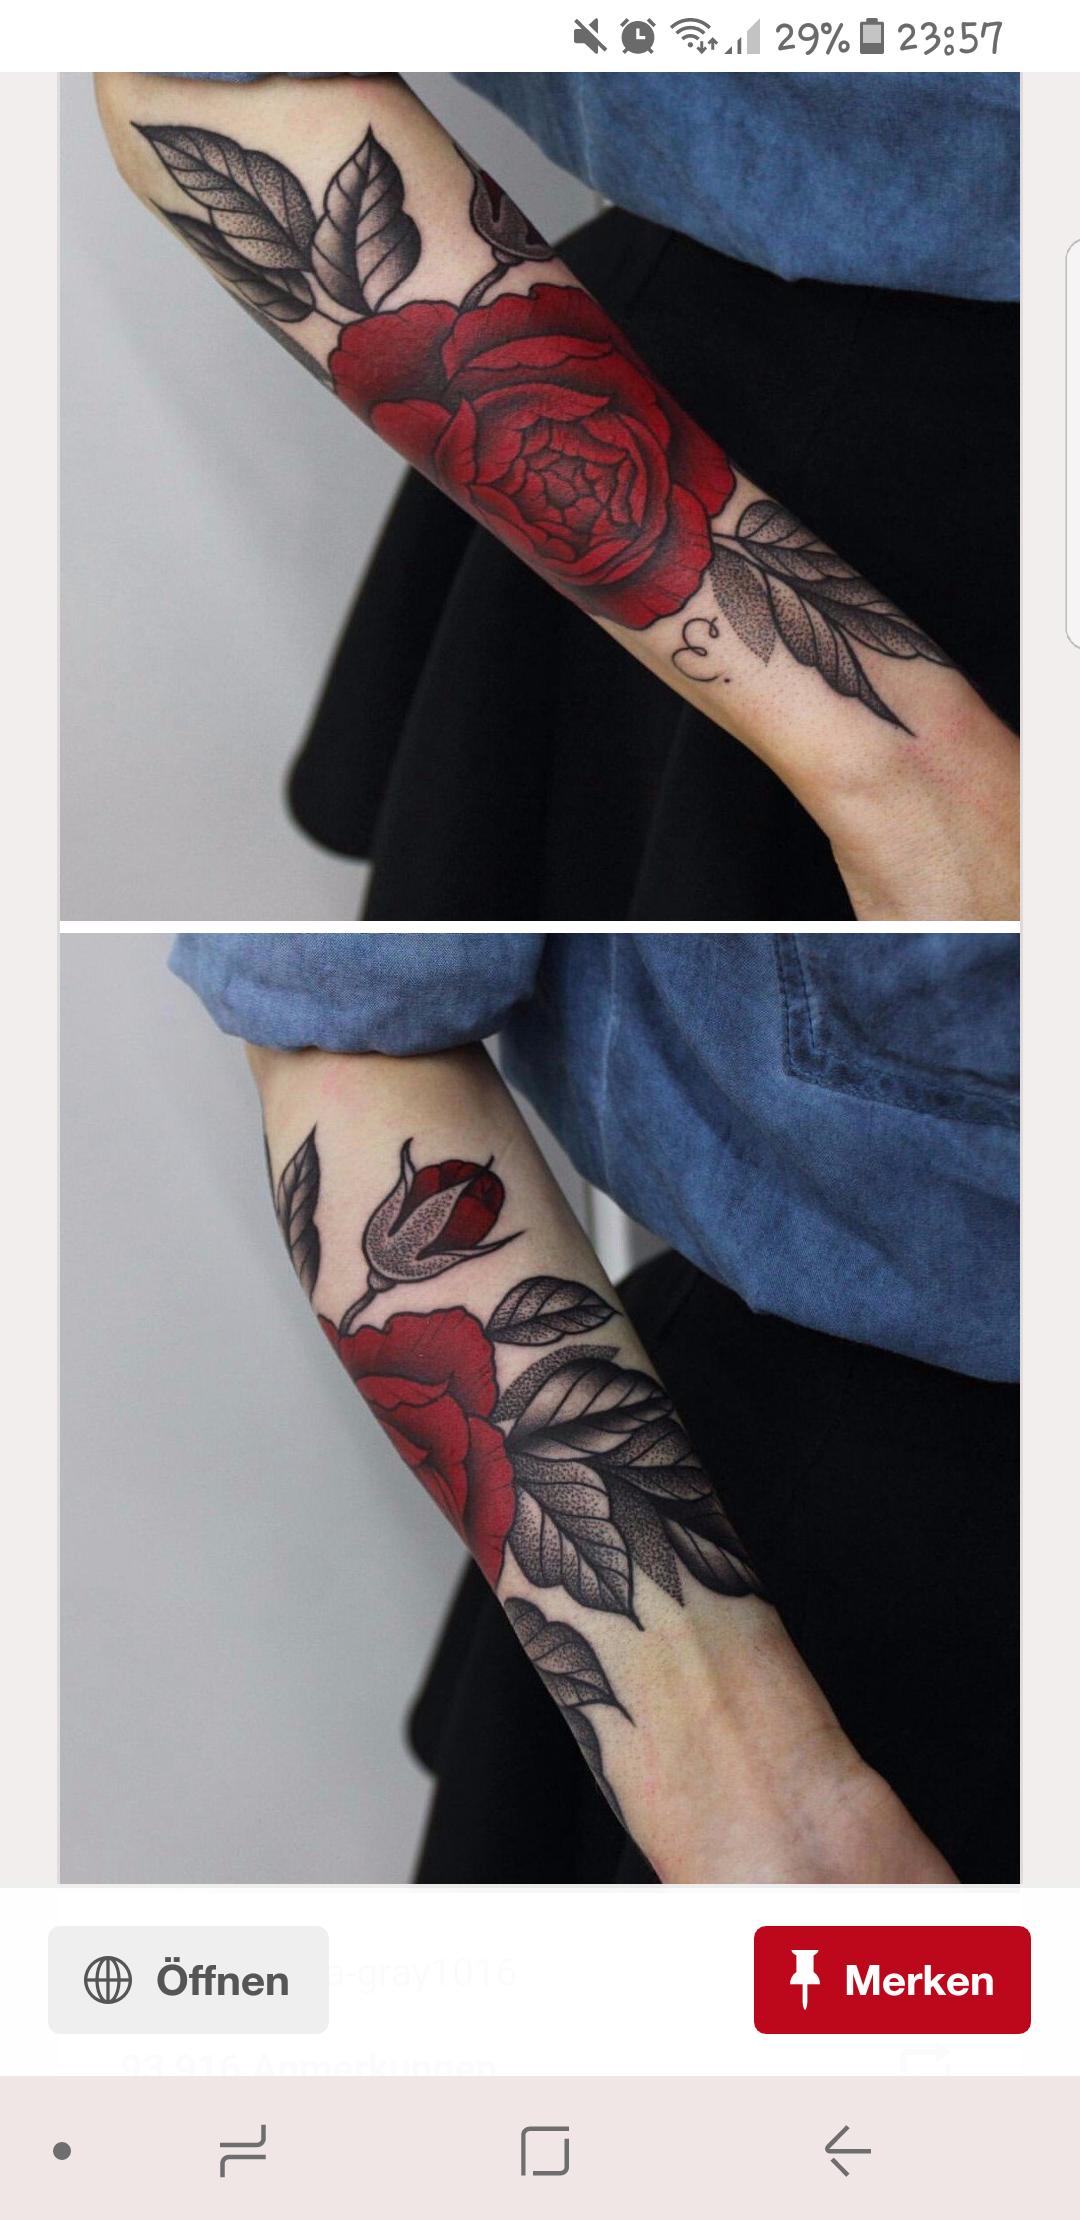 wie viel wird mich dieses rosen tattoo ca kosten preis. Black Bedroom Furniture Sets. Home Design Ideas